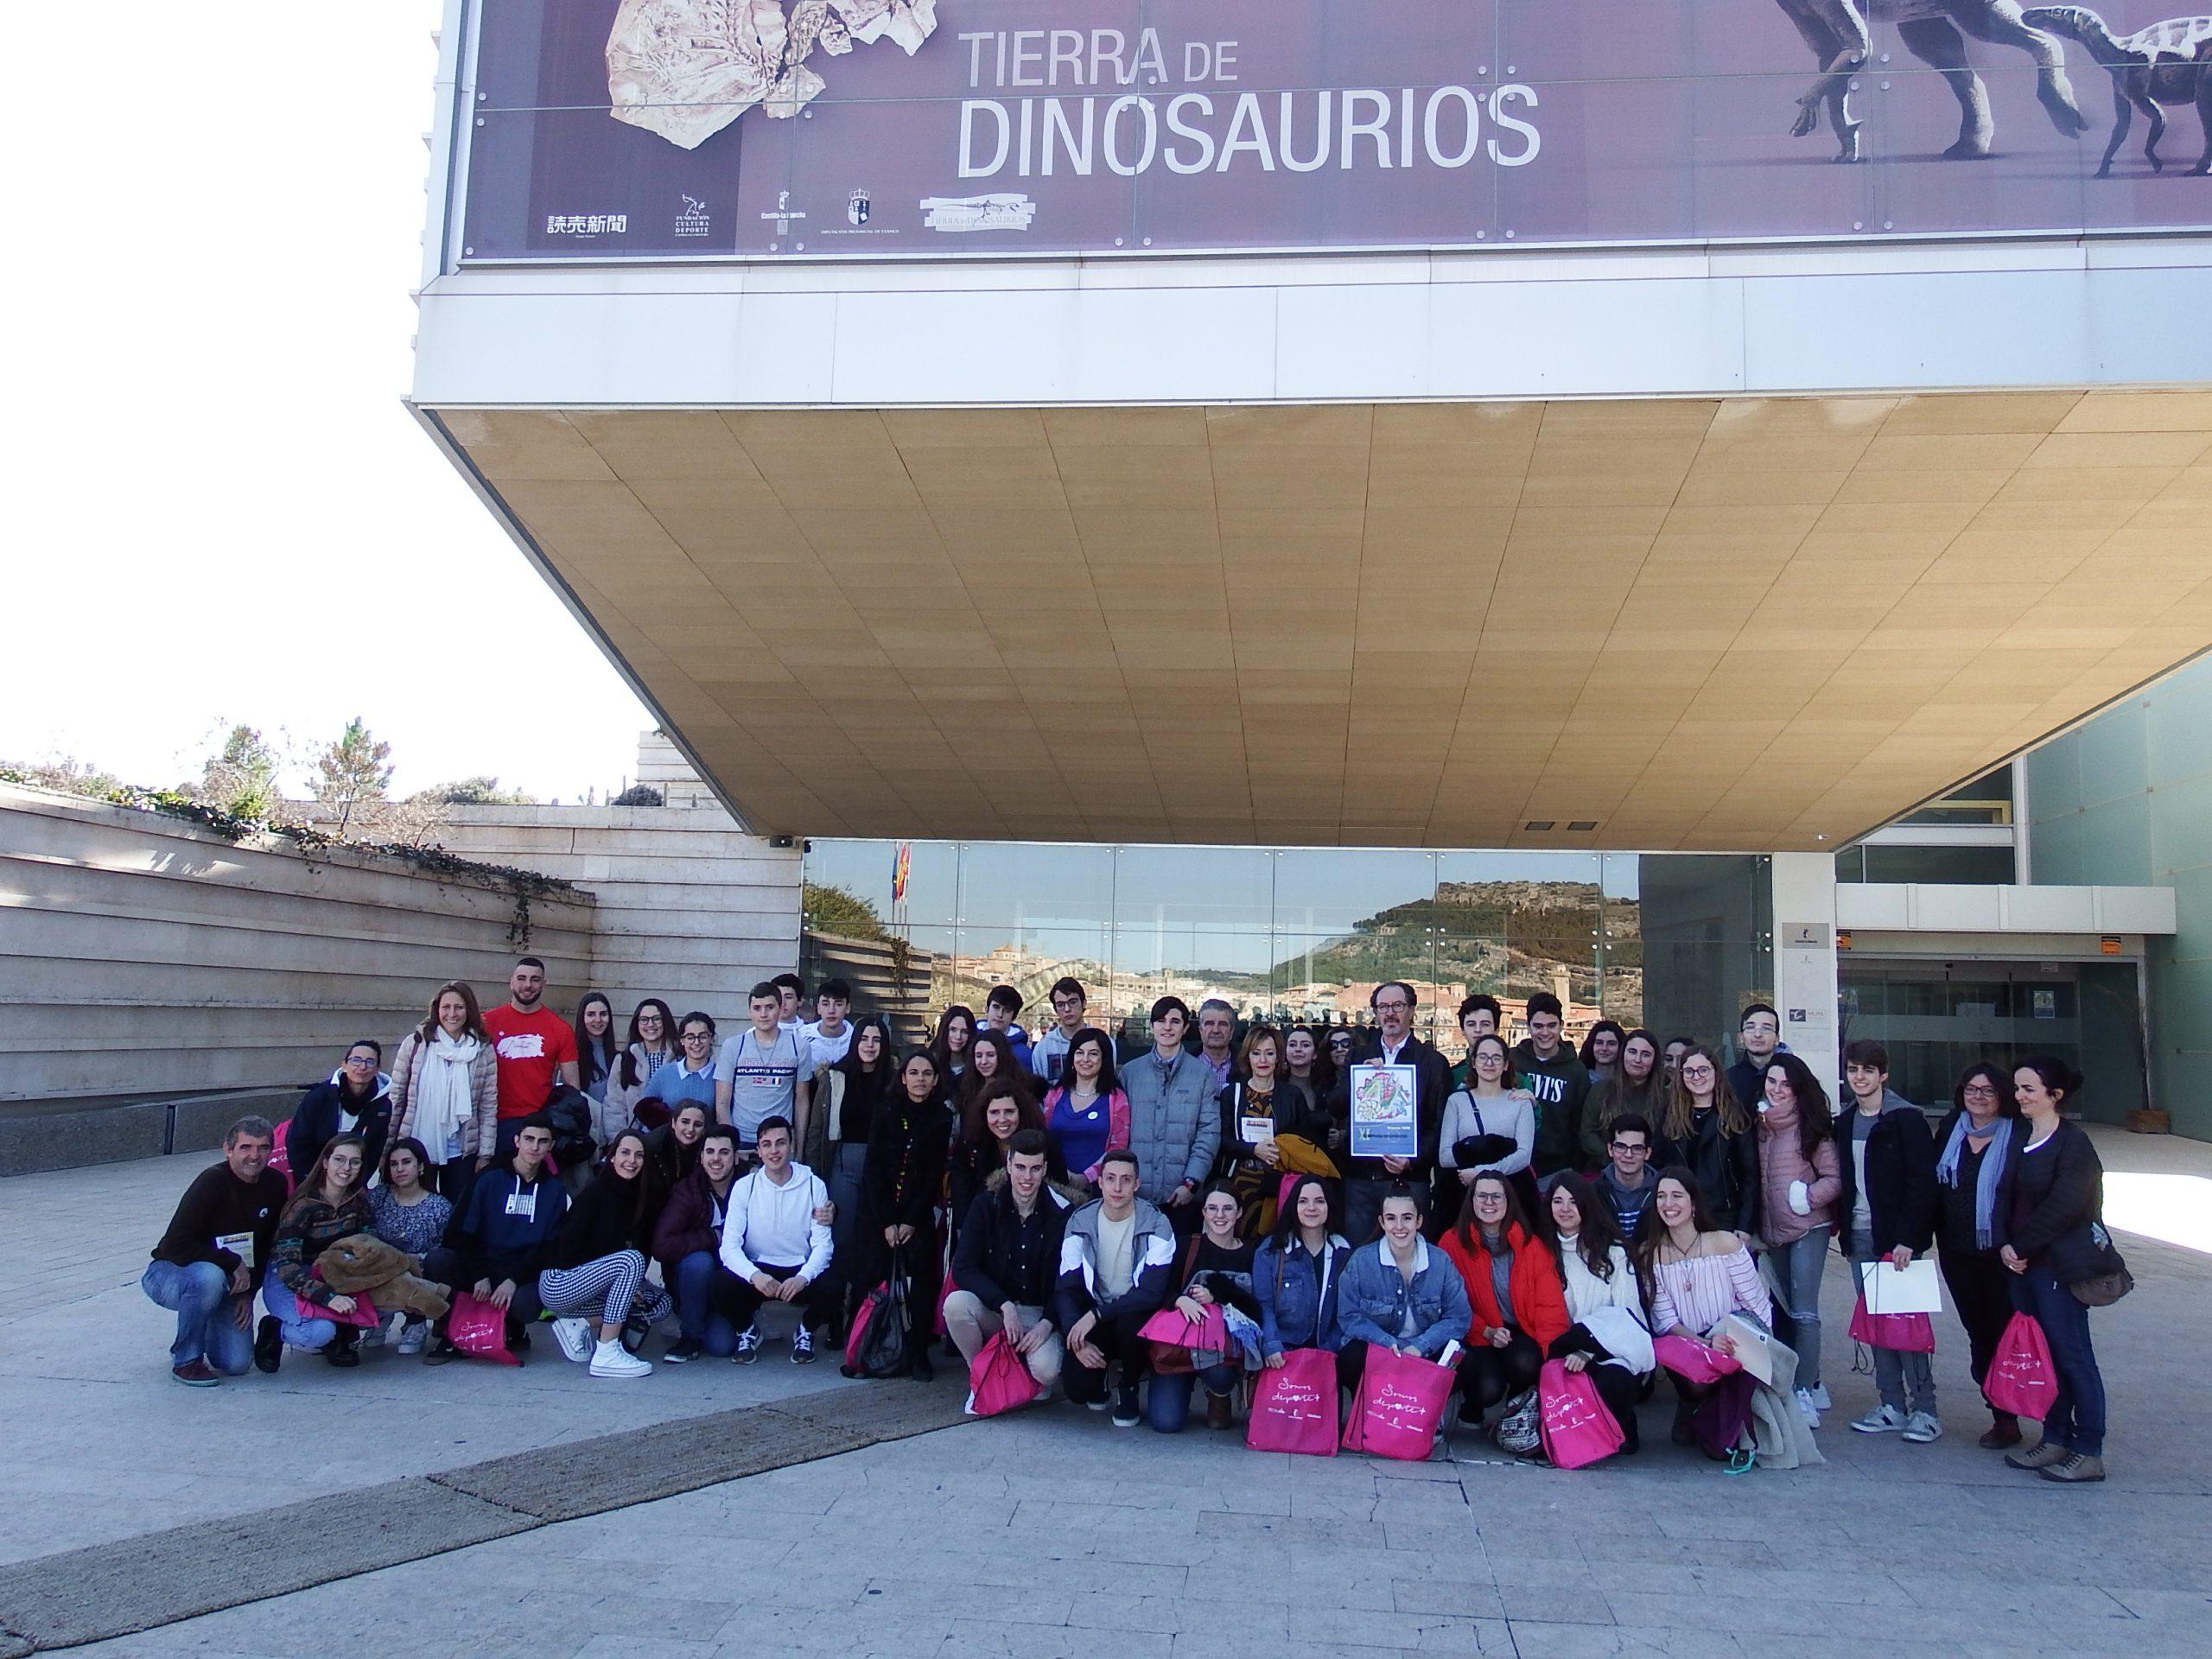 El Museo de Paleontología de C-LM celebró el pasado sábado las pruebas de selección de la XI Olimpiada de Geología